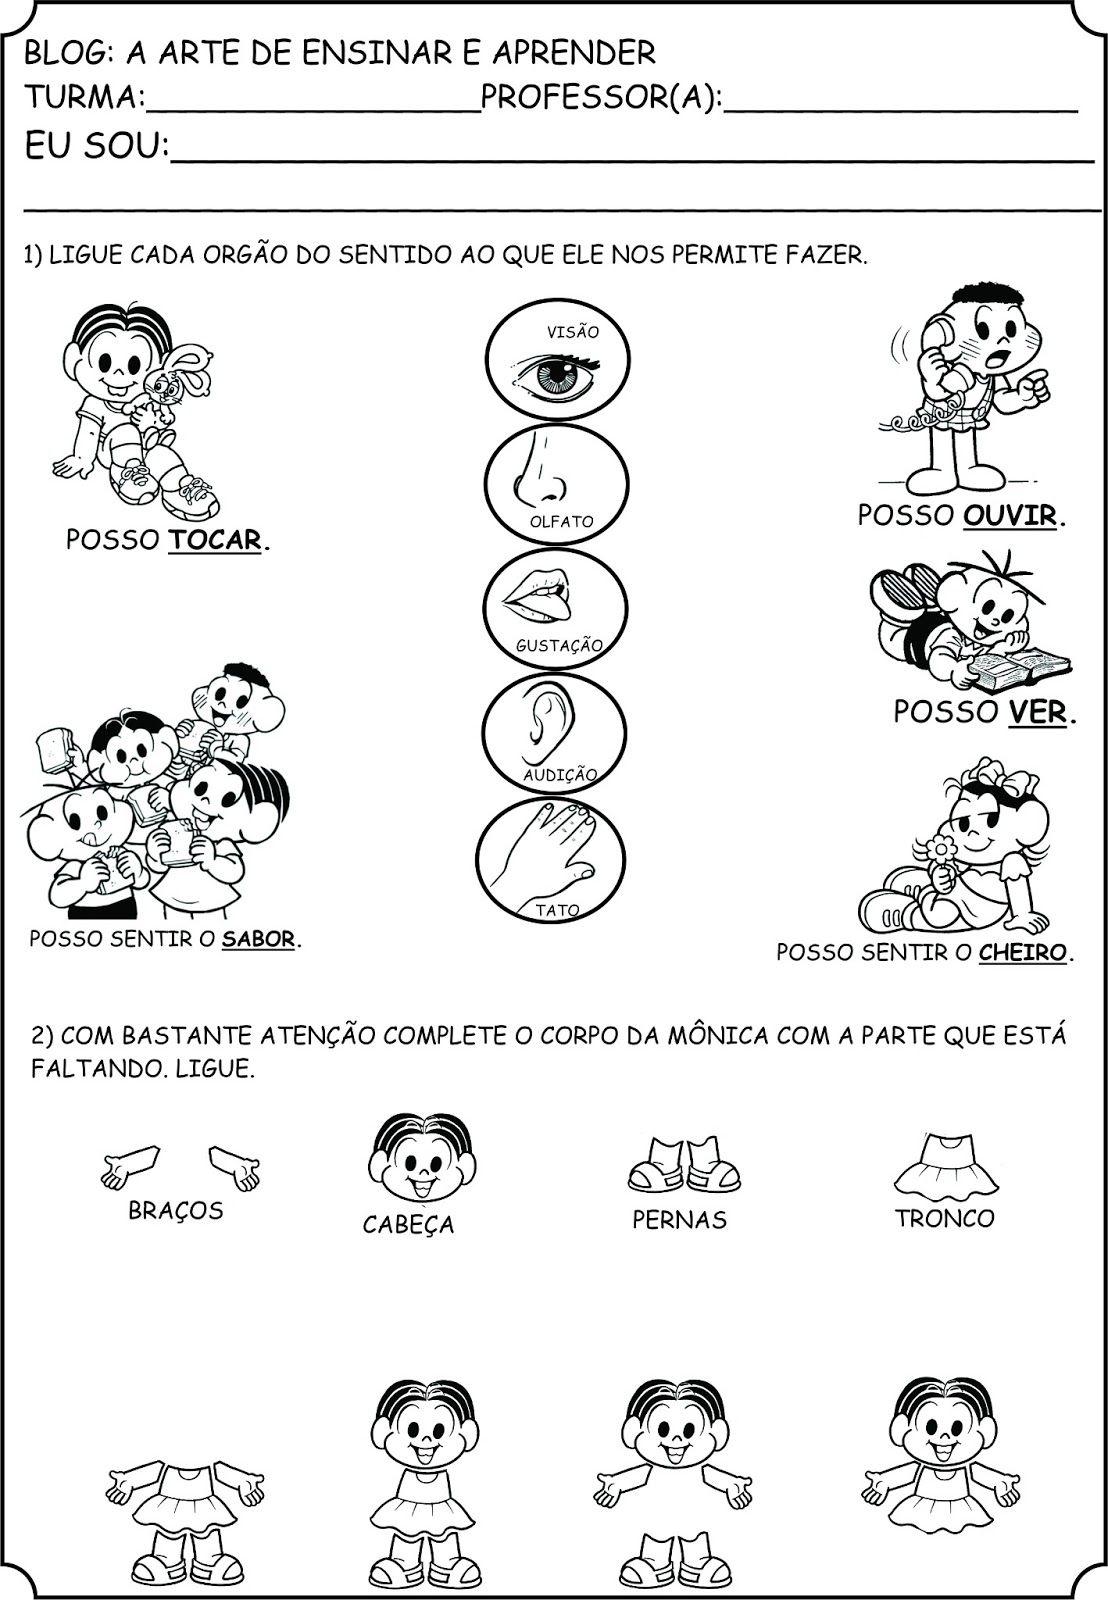 A Arte De Ensinar E Aprender Atividades Orgaos Do Sentido E Corpo